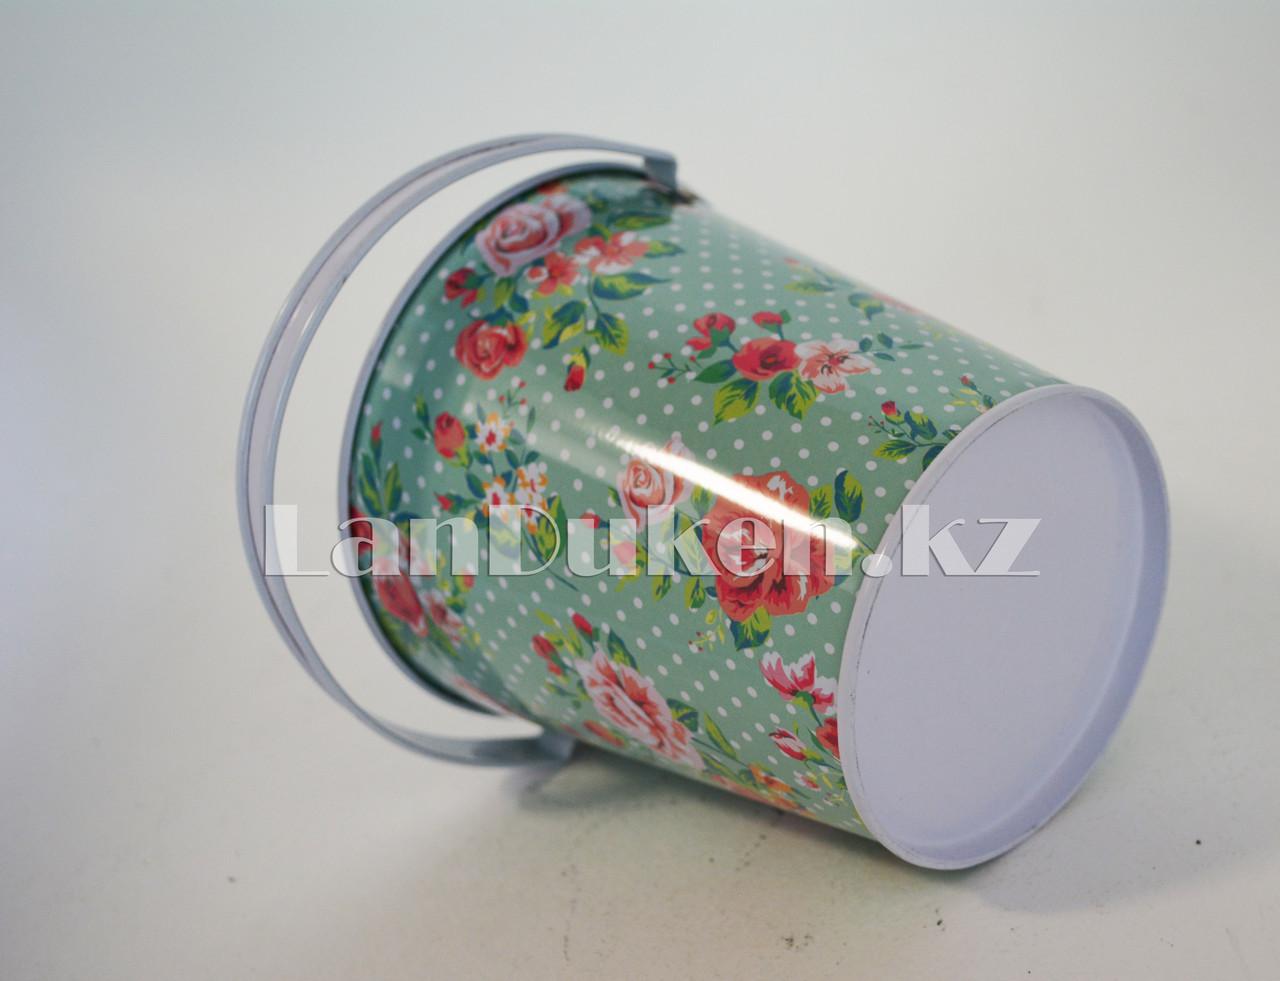 Ведро декоративное металлическое большое (бирюзовый с цветочным принтом) - фото 3